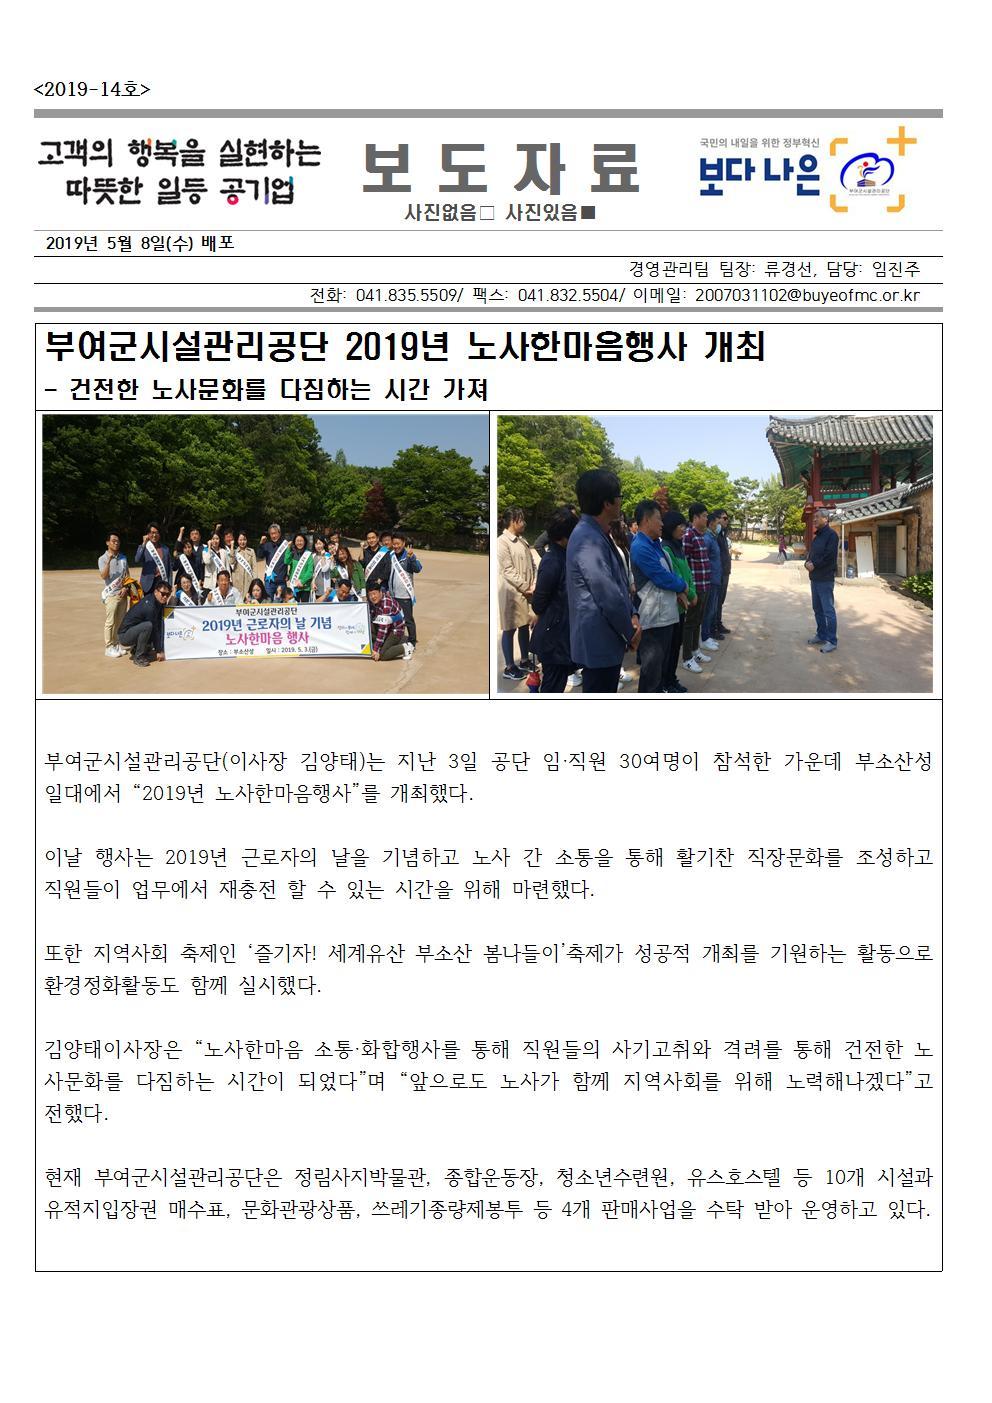 2019-14(경영관리팀)001.jpg